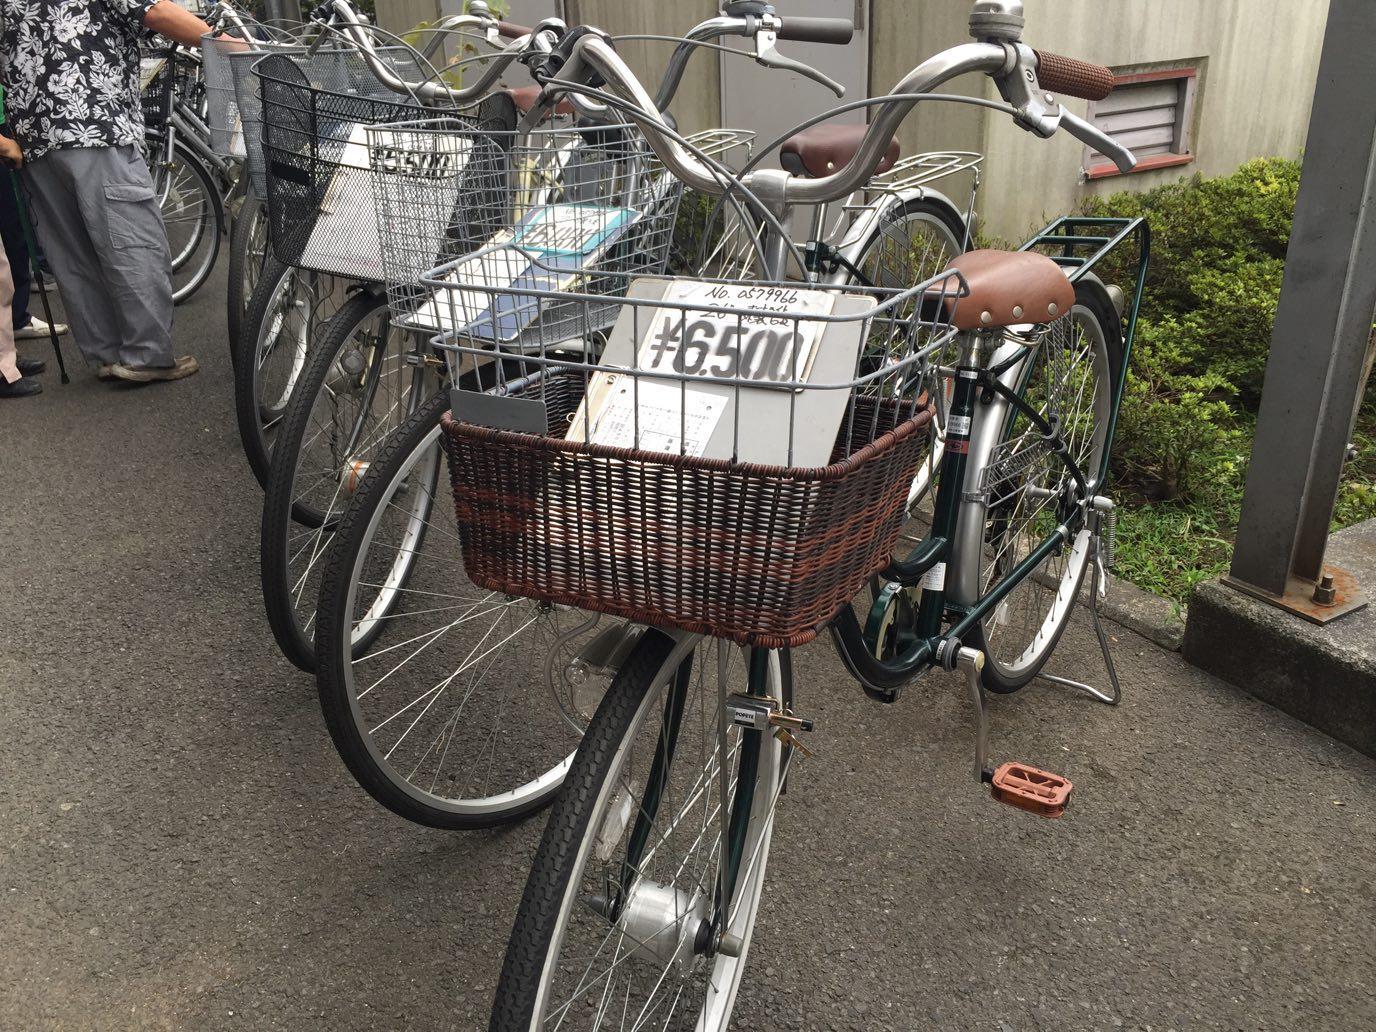 相模原市で中古自転車を買うならシルバー人材センターへ!月一で行われている放置自転車の抽選販売に参加してみた♪